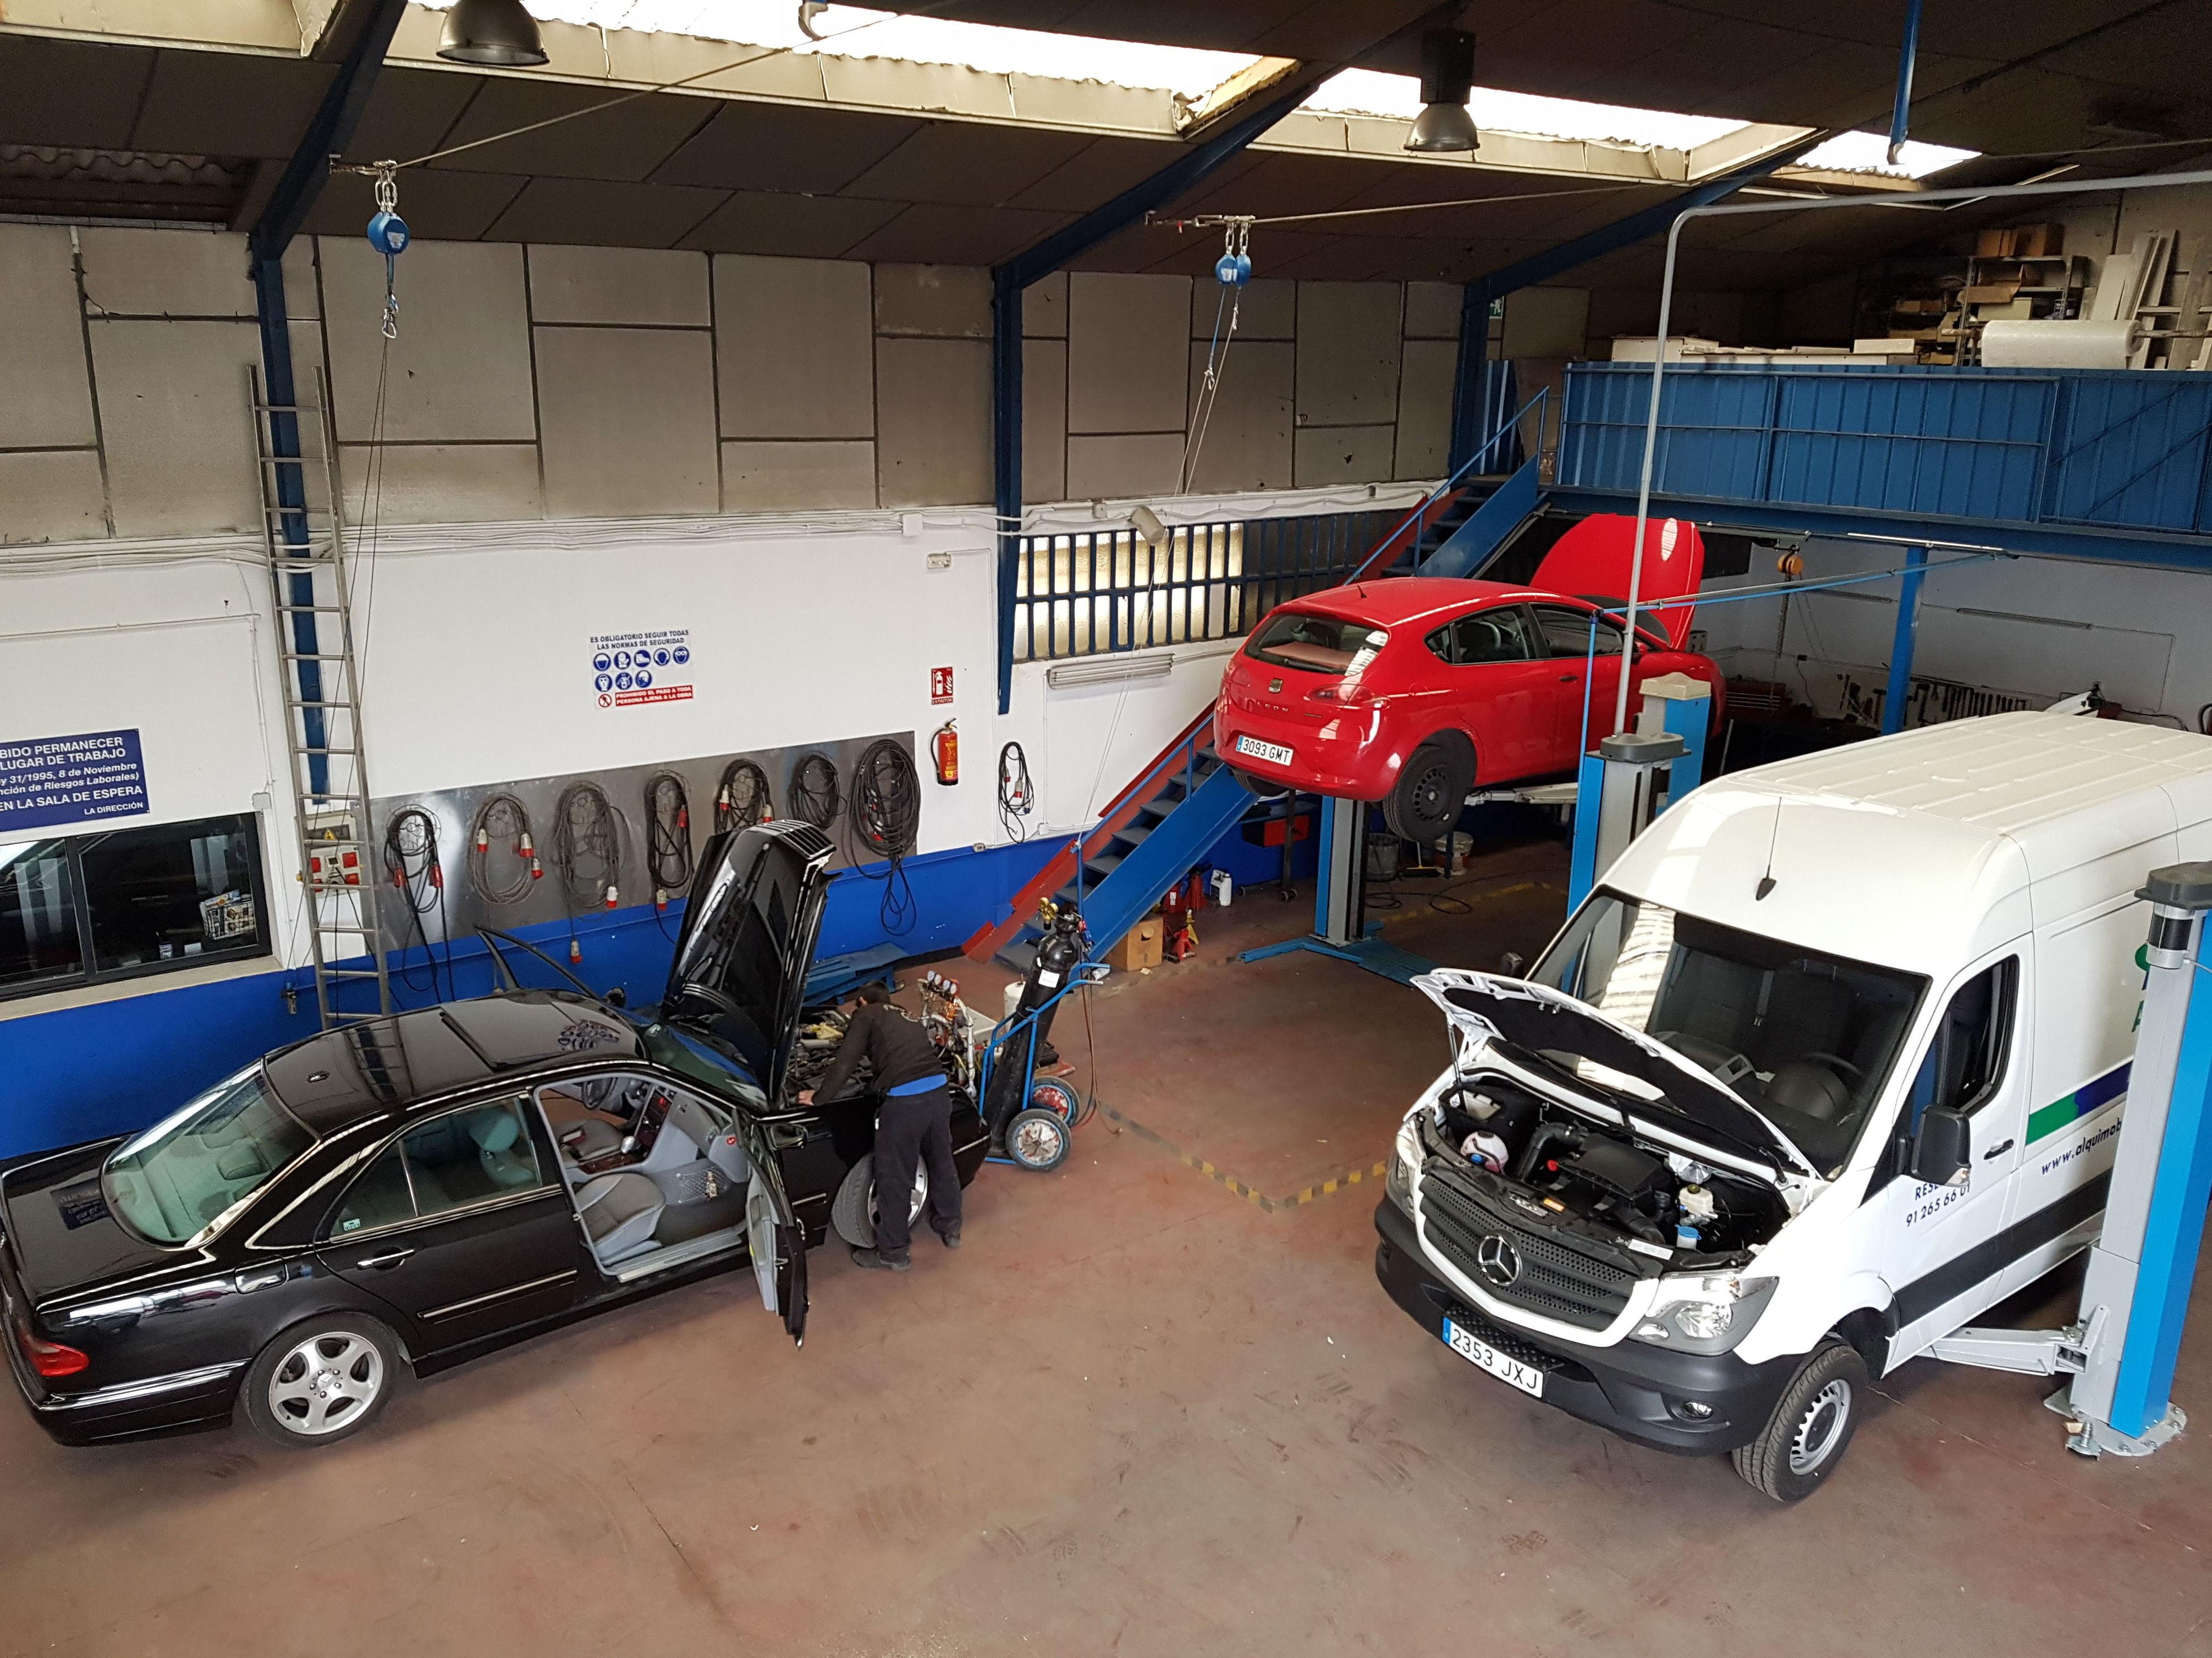 Reparación todo tipo de vehículo, grandes instalaciones para la mecánica